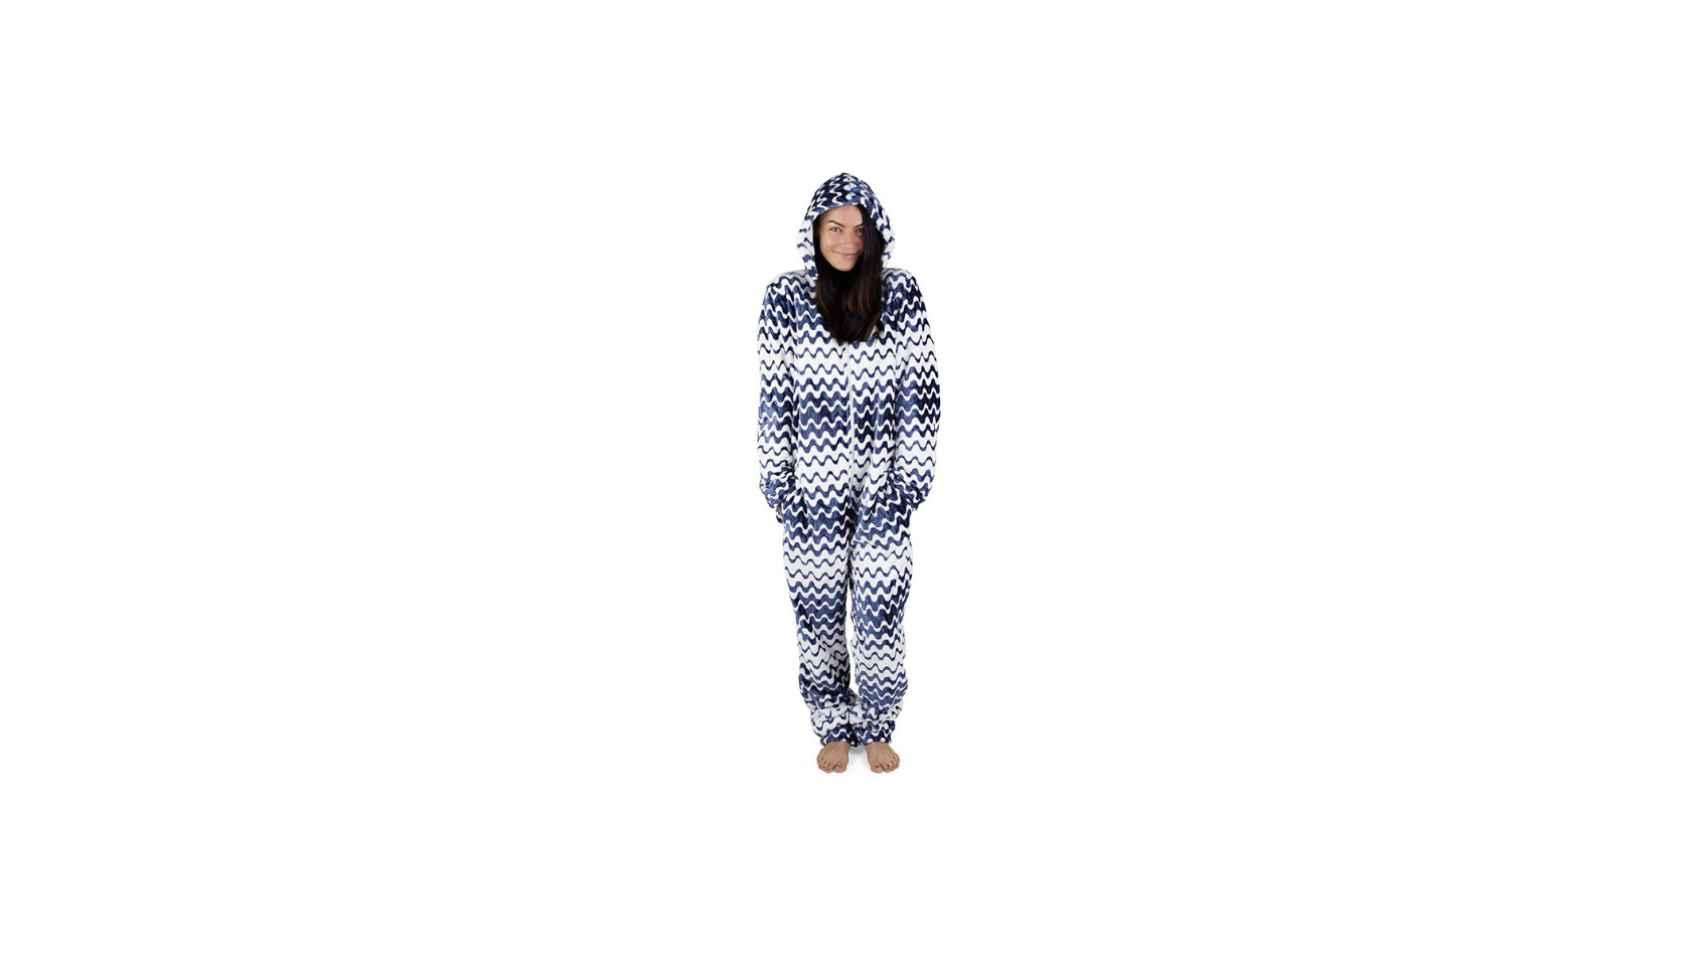 Pijama rombos